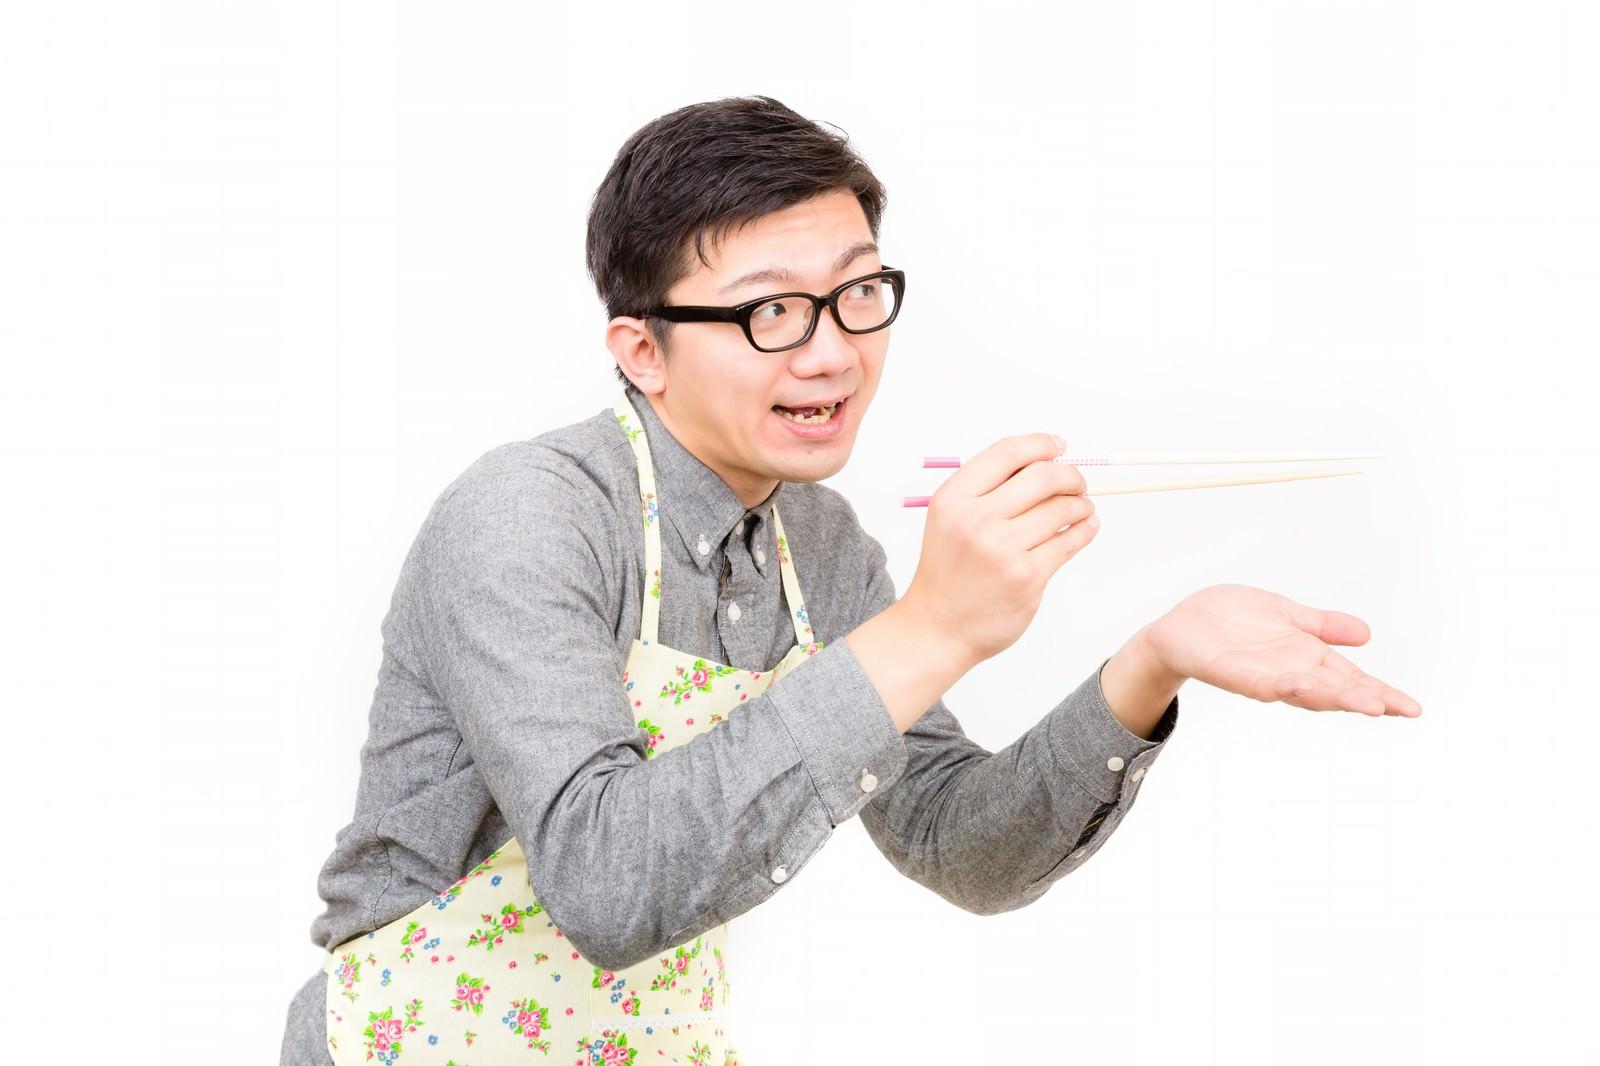 「菜箸で「あーん」っと味見させる新婚の男性 | 写真の無料素材・フリー素材 - ぱくたそ」の写真[モデル:OZPA]